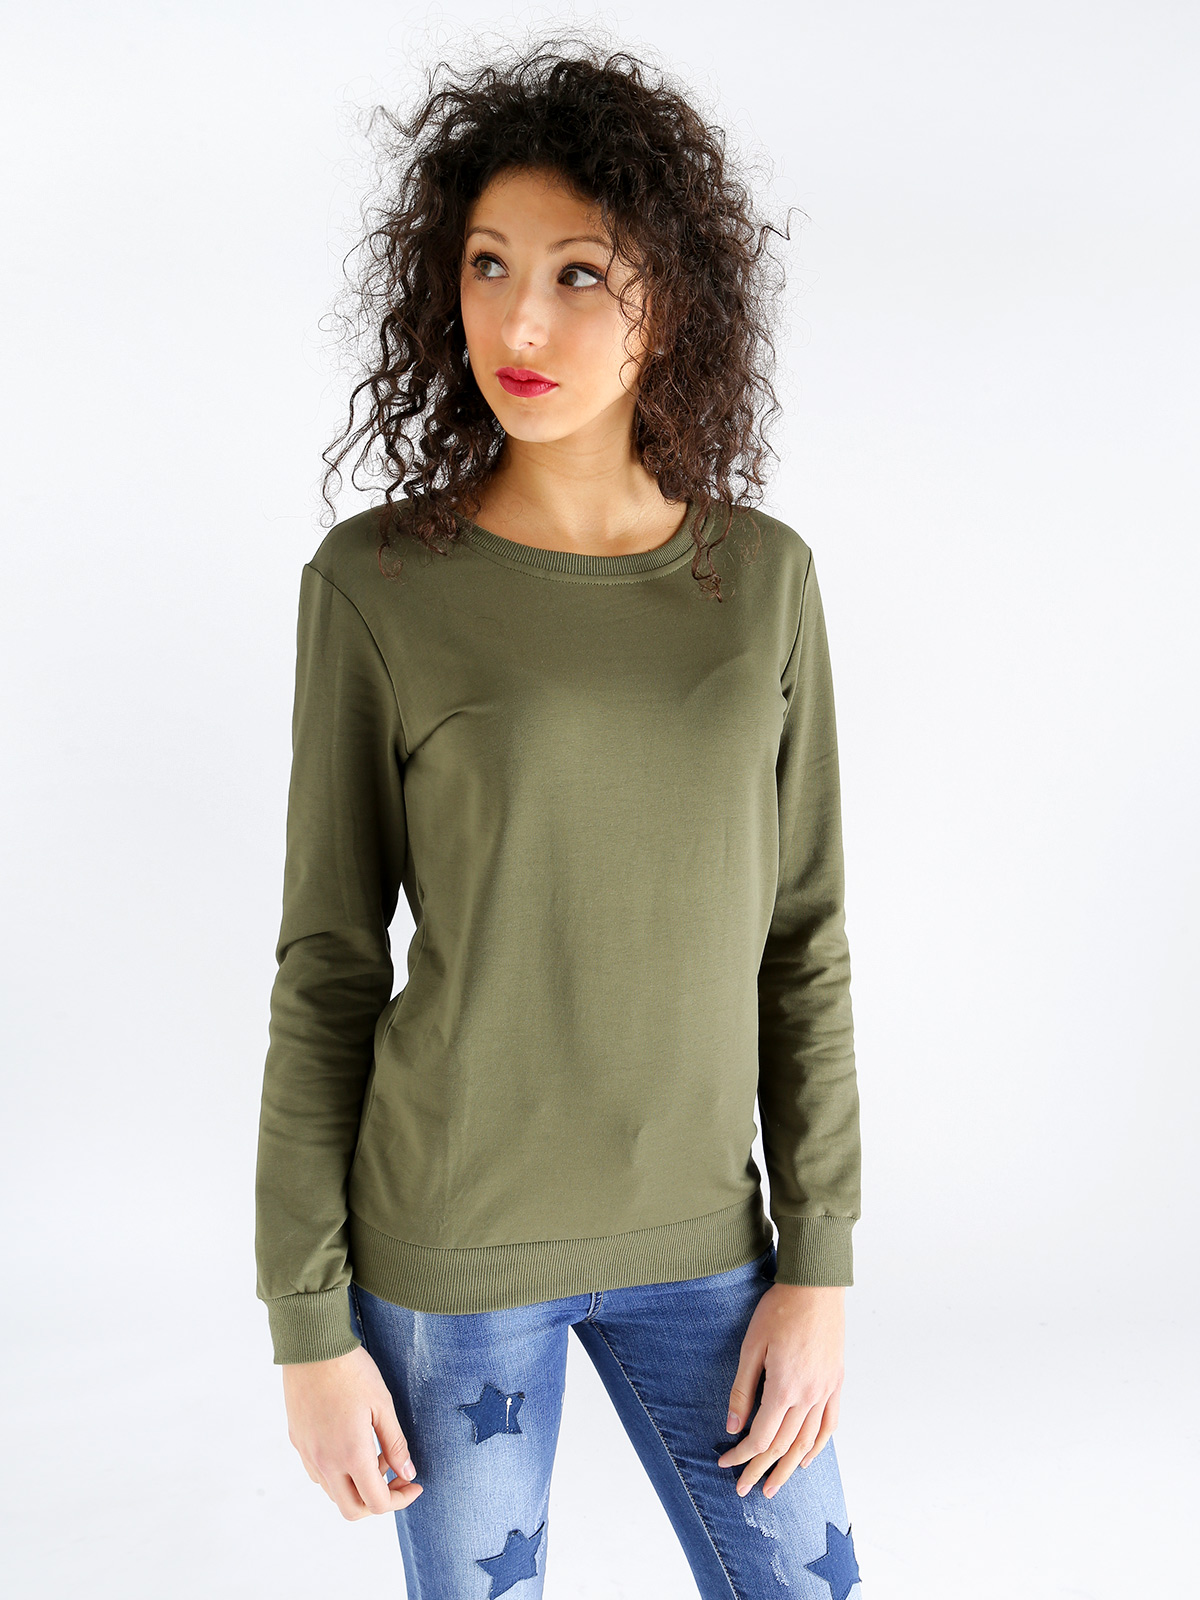 Sweatshirt Without Hood